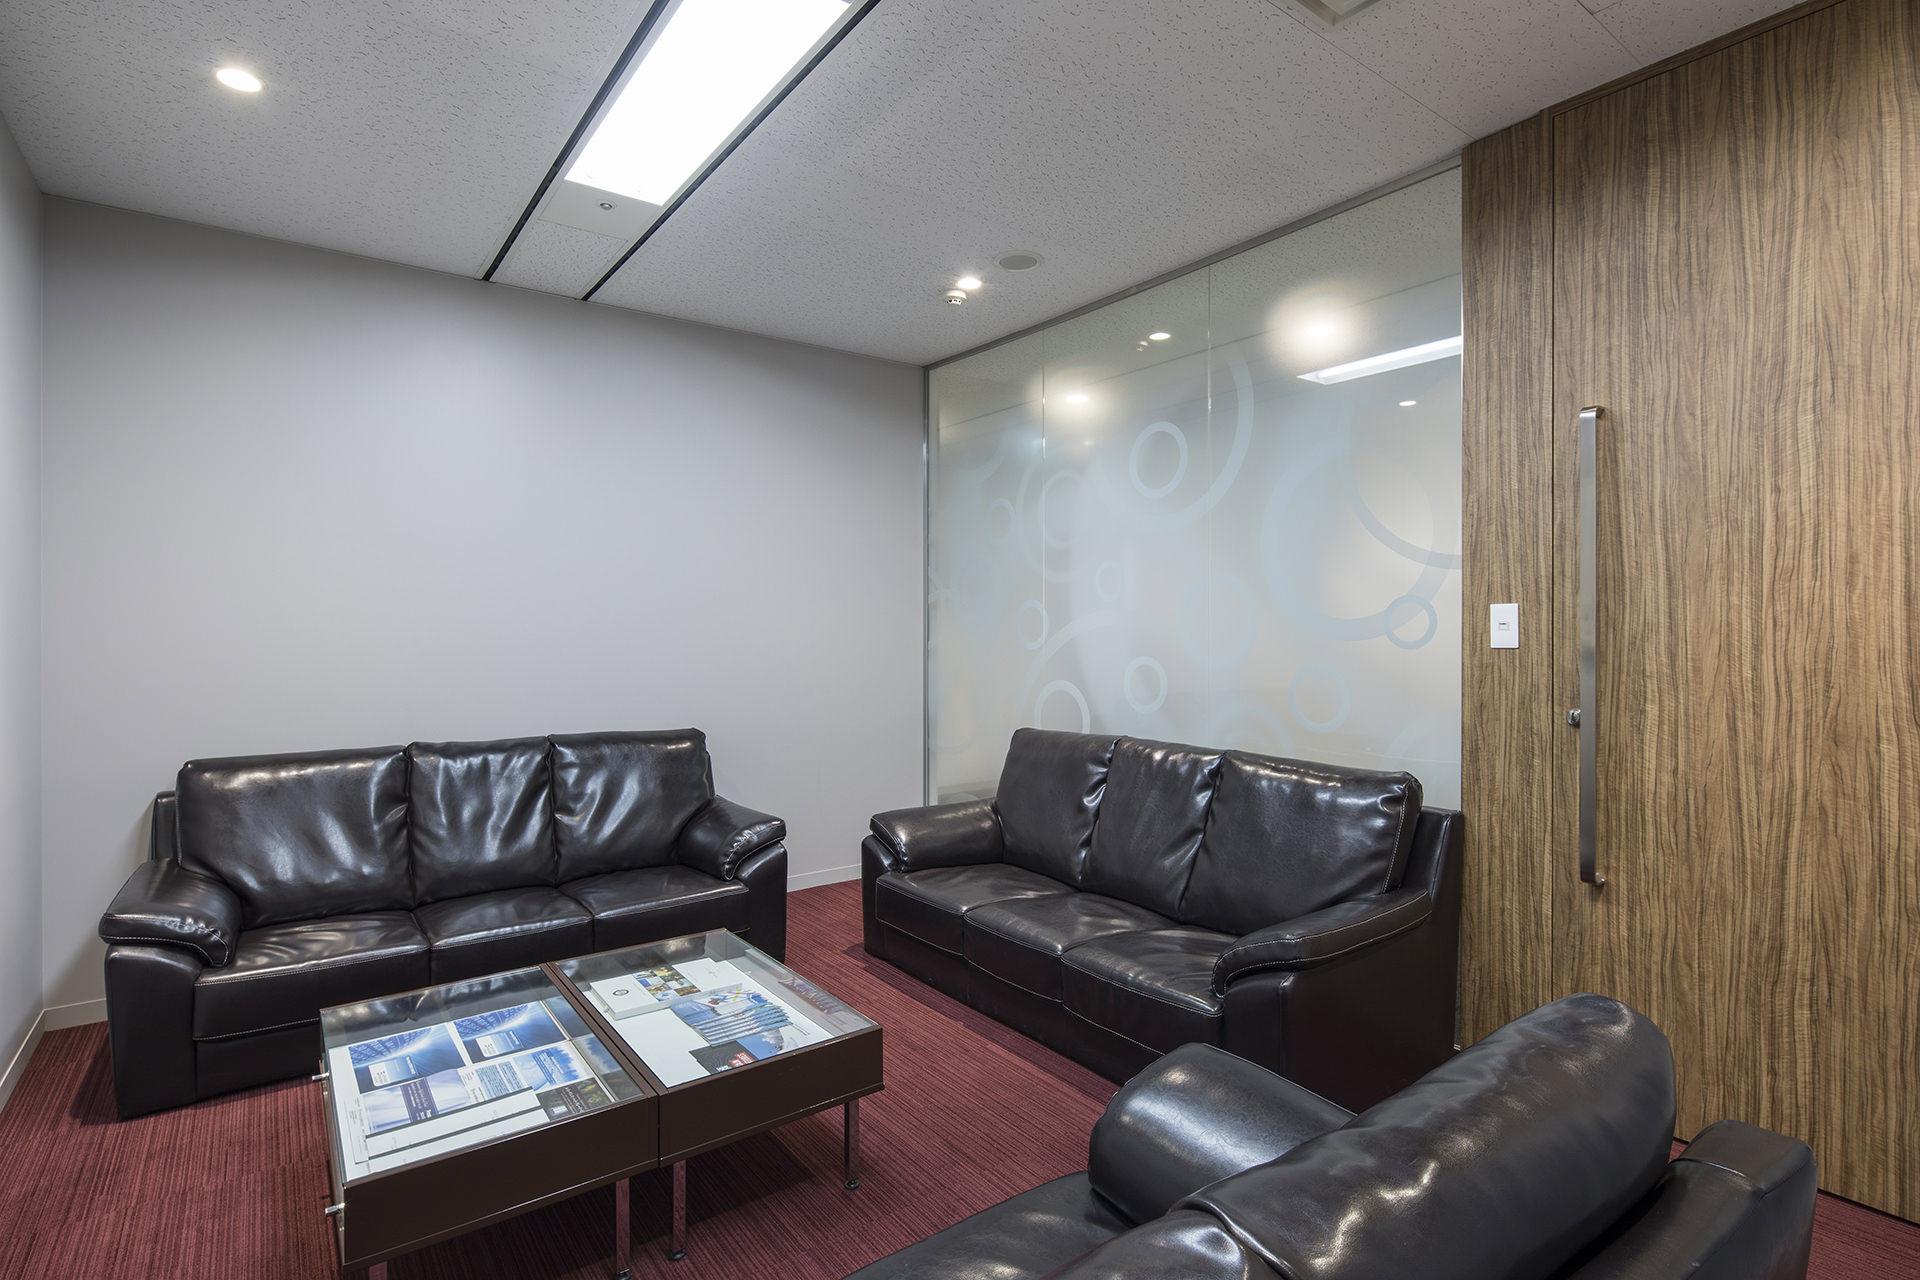 兼松ビルディング 撮影イメージ18 撮影:東涌写真事務所・東涌宏和